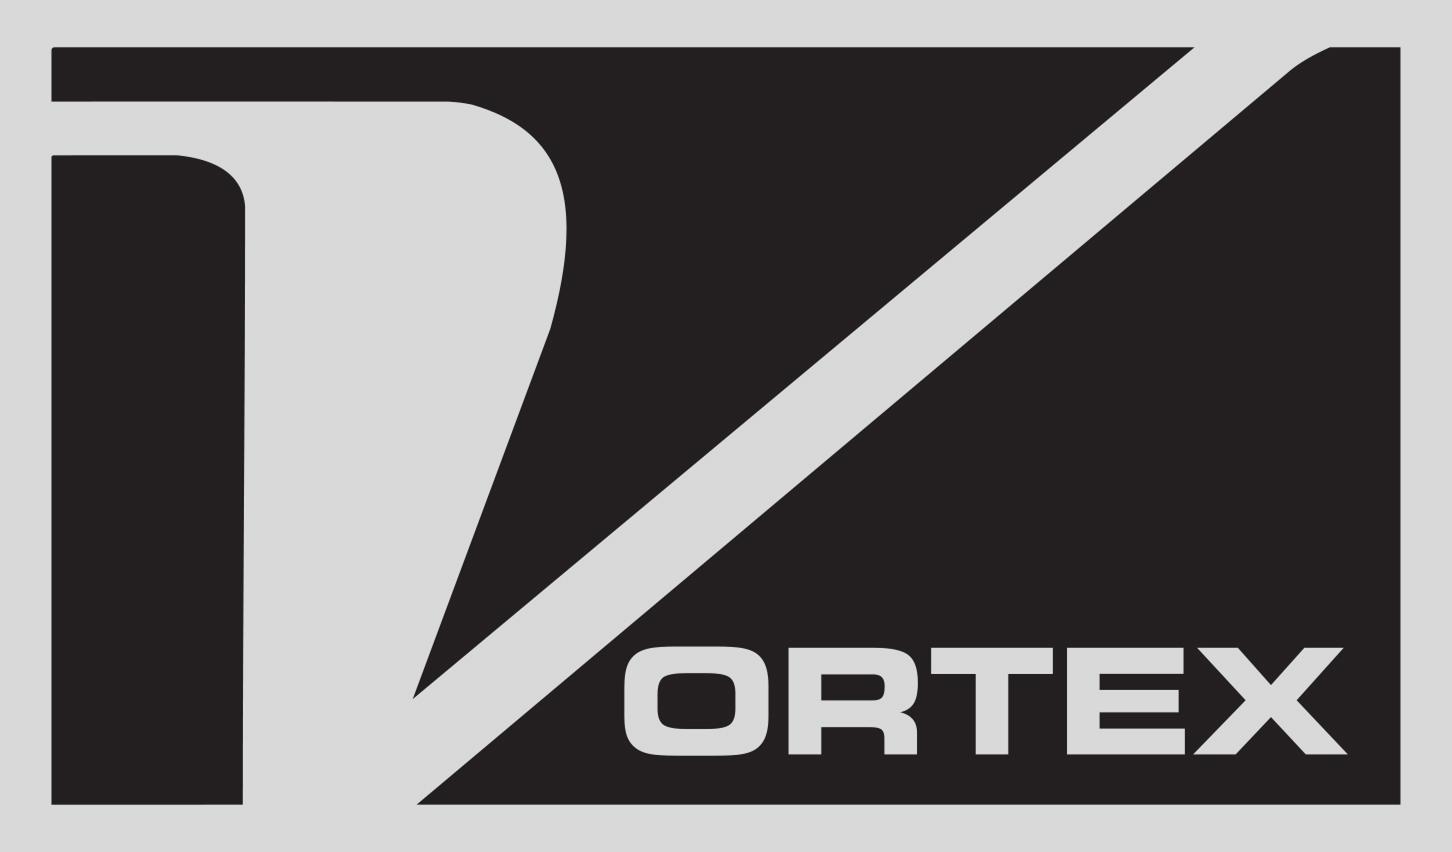 Vortex Global